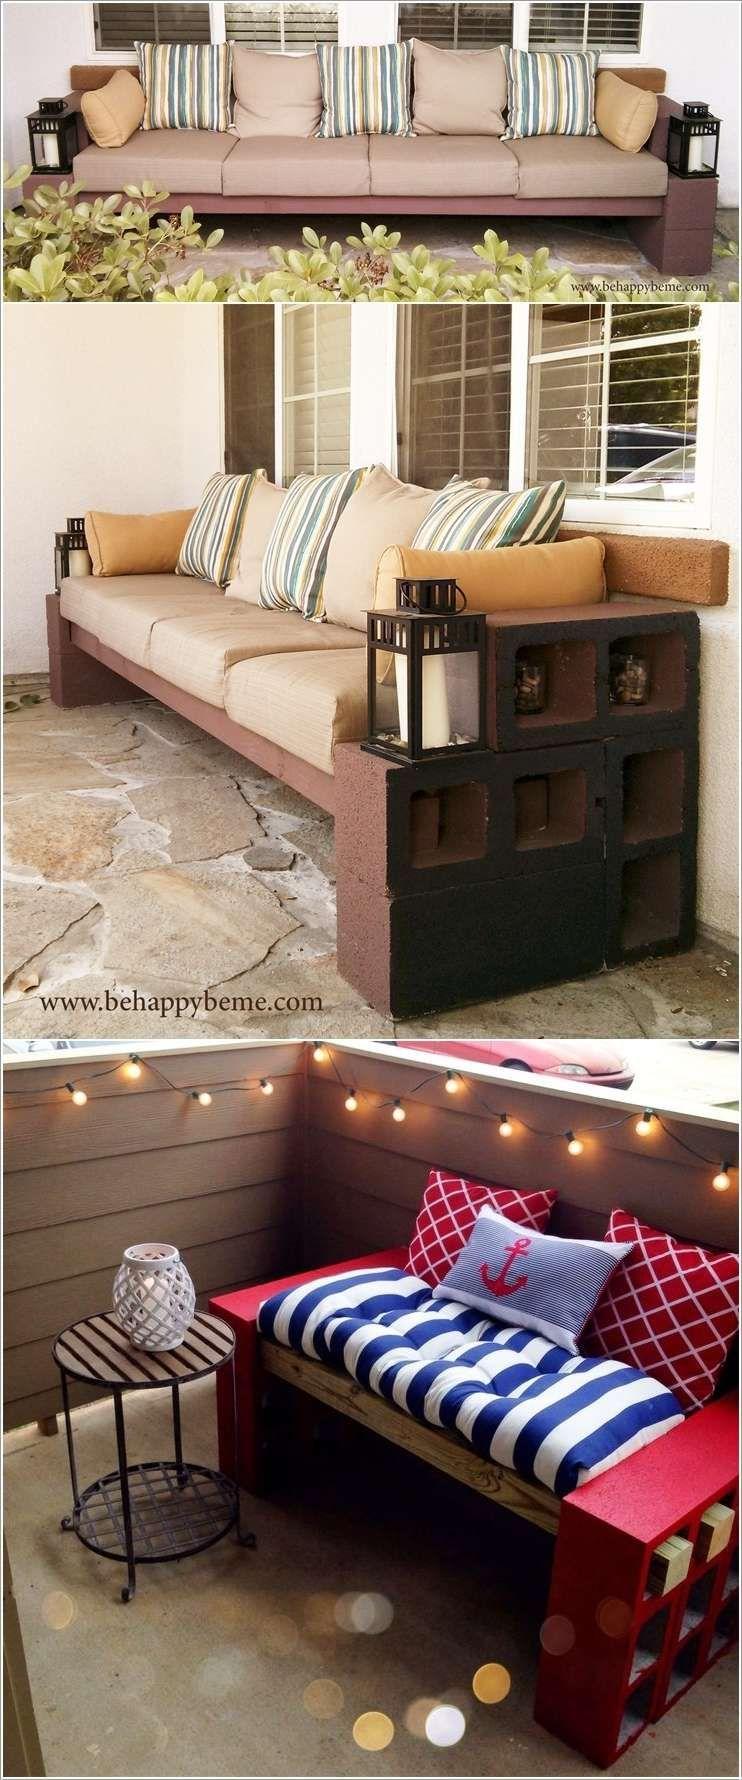 DIY Cinder Block Bench Idea